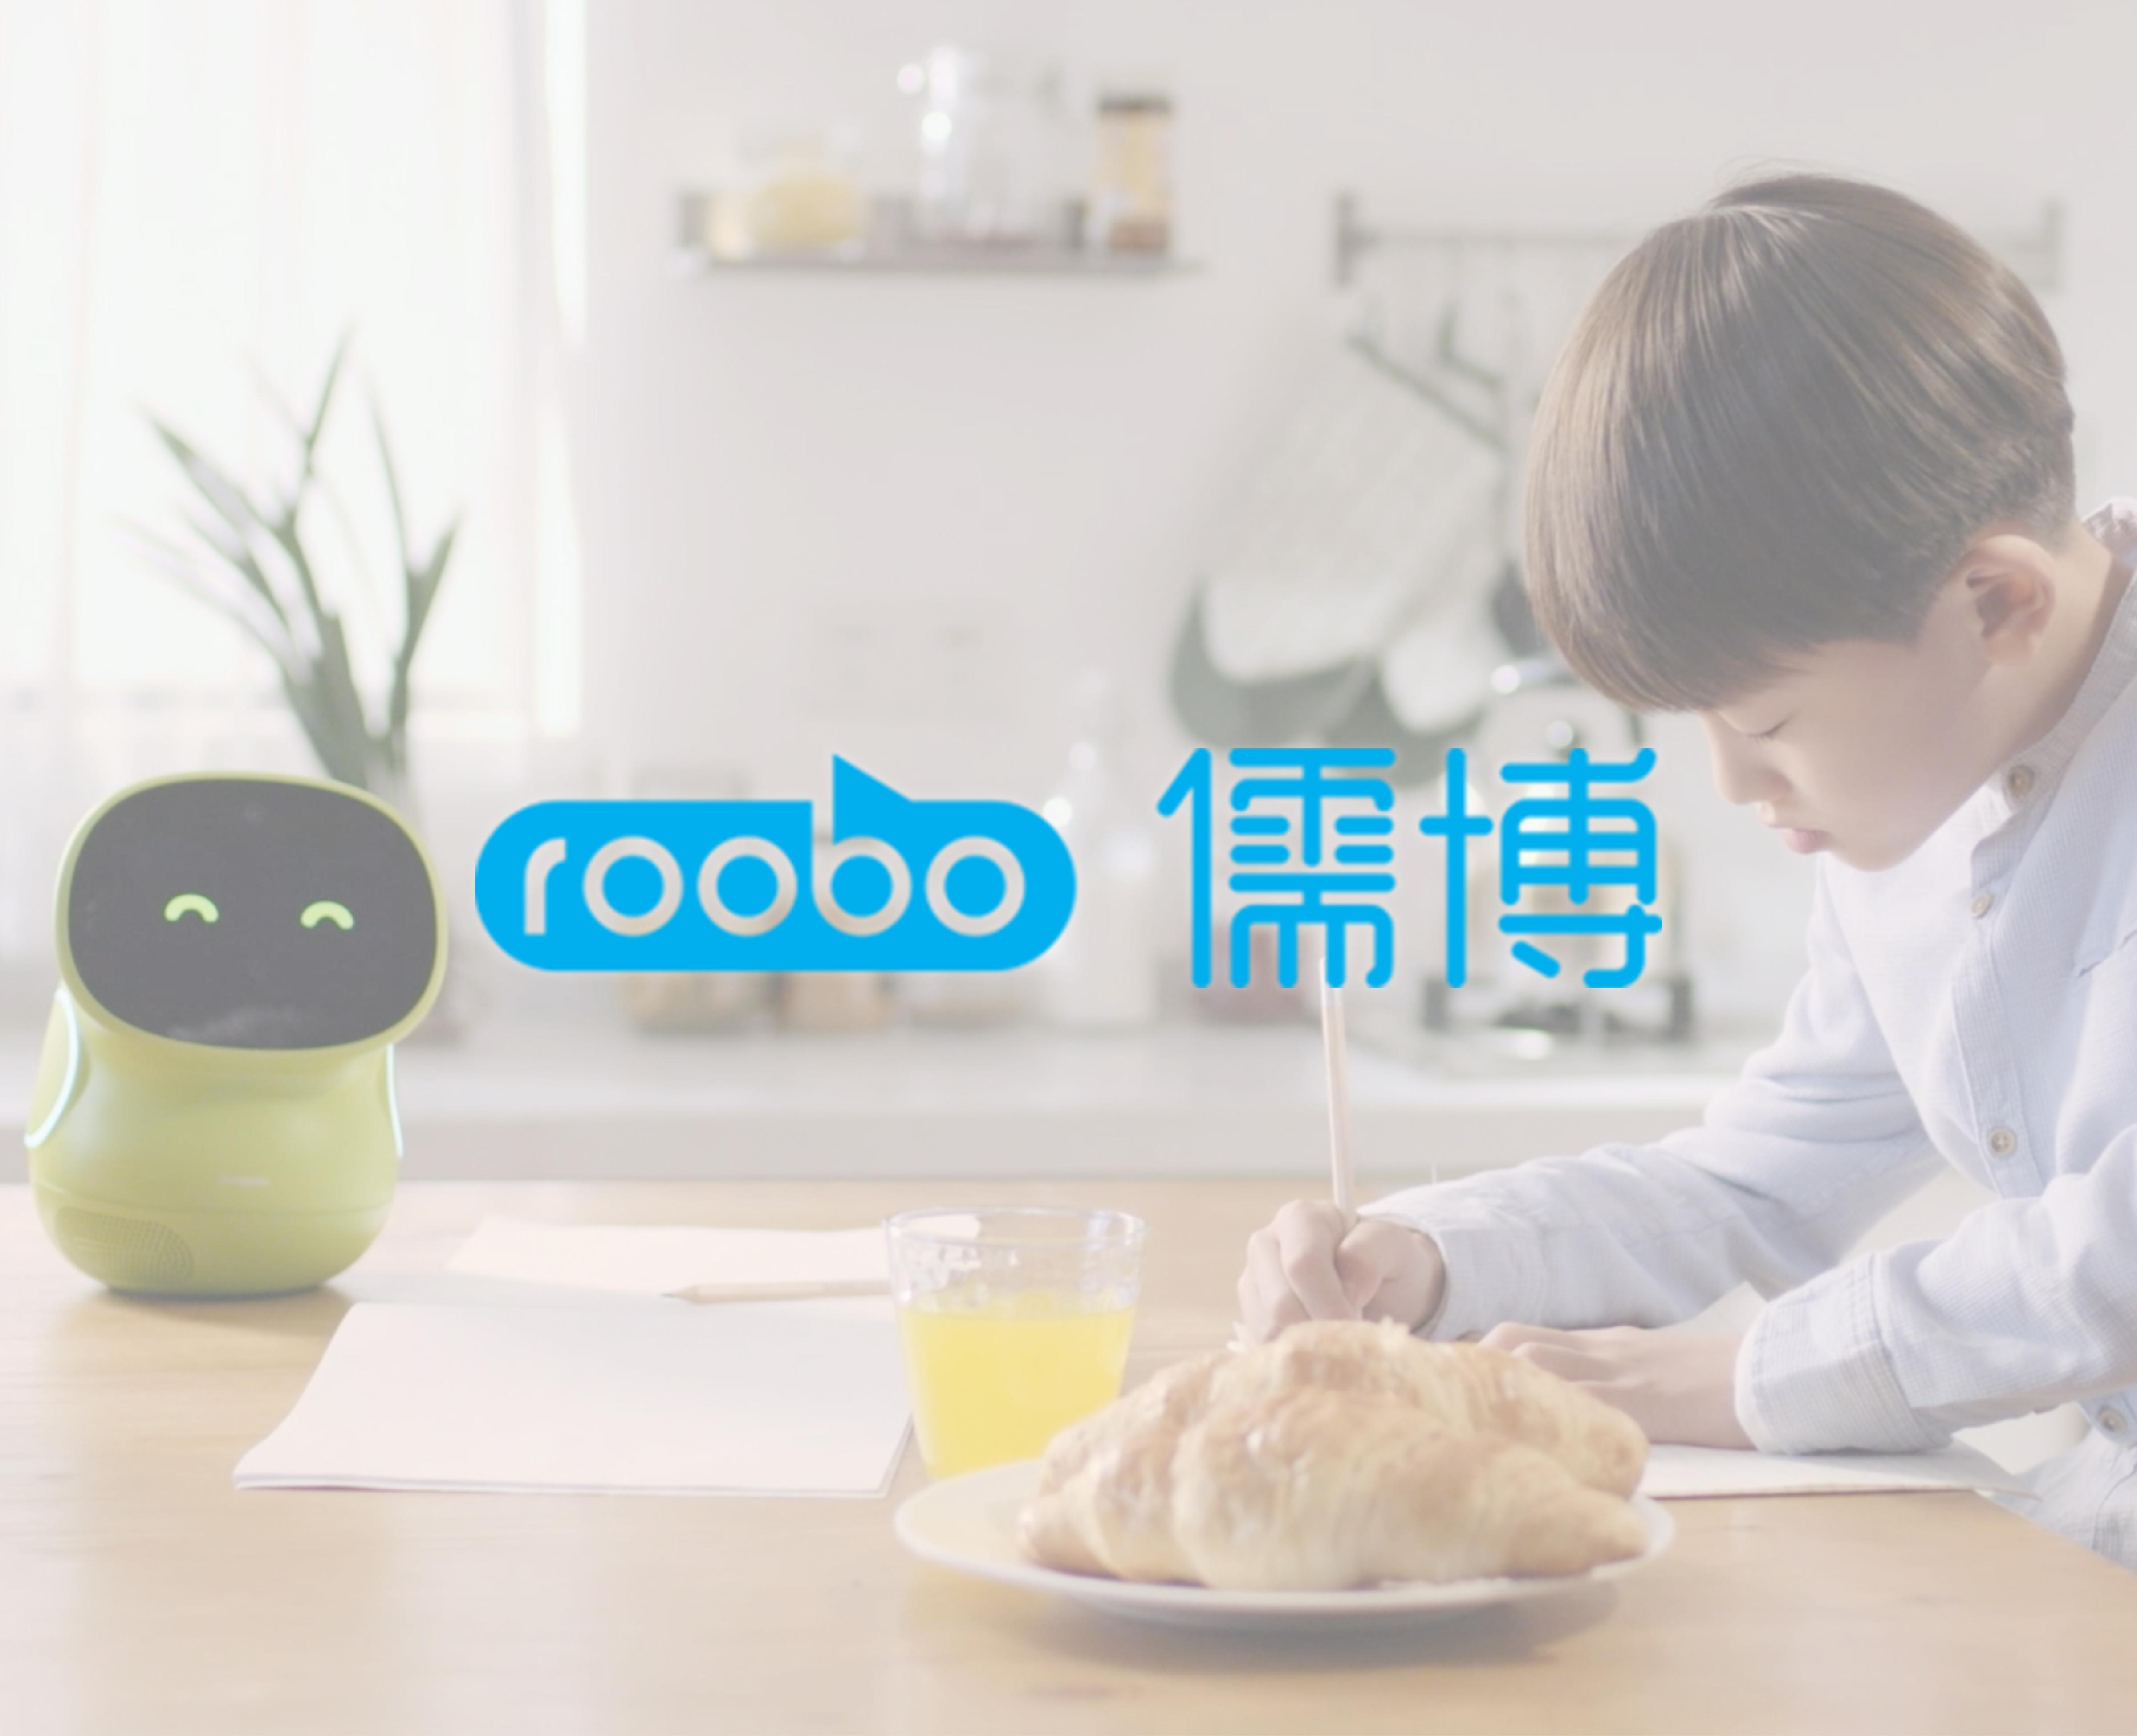 Roobo企业